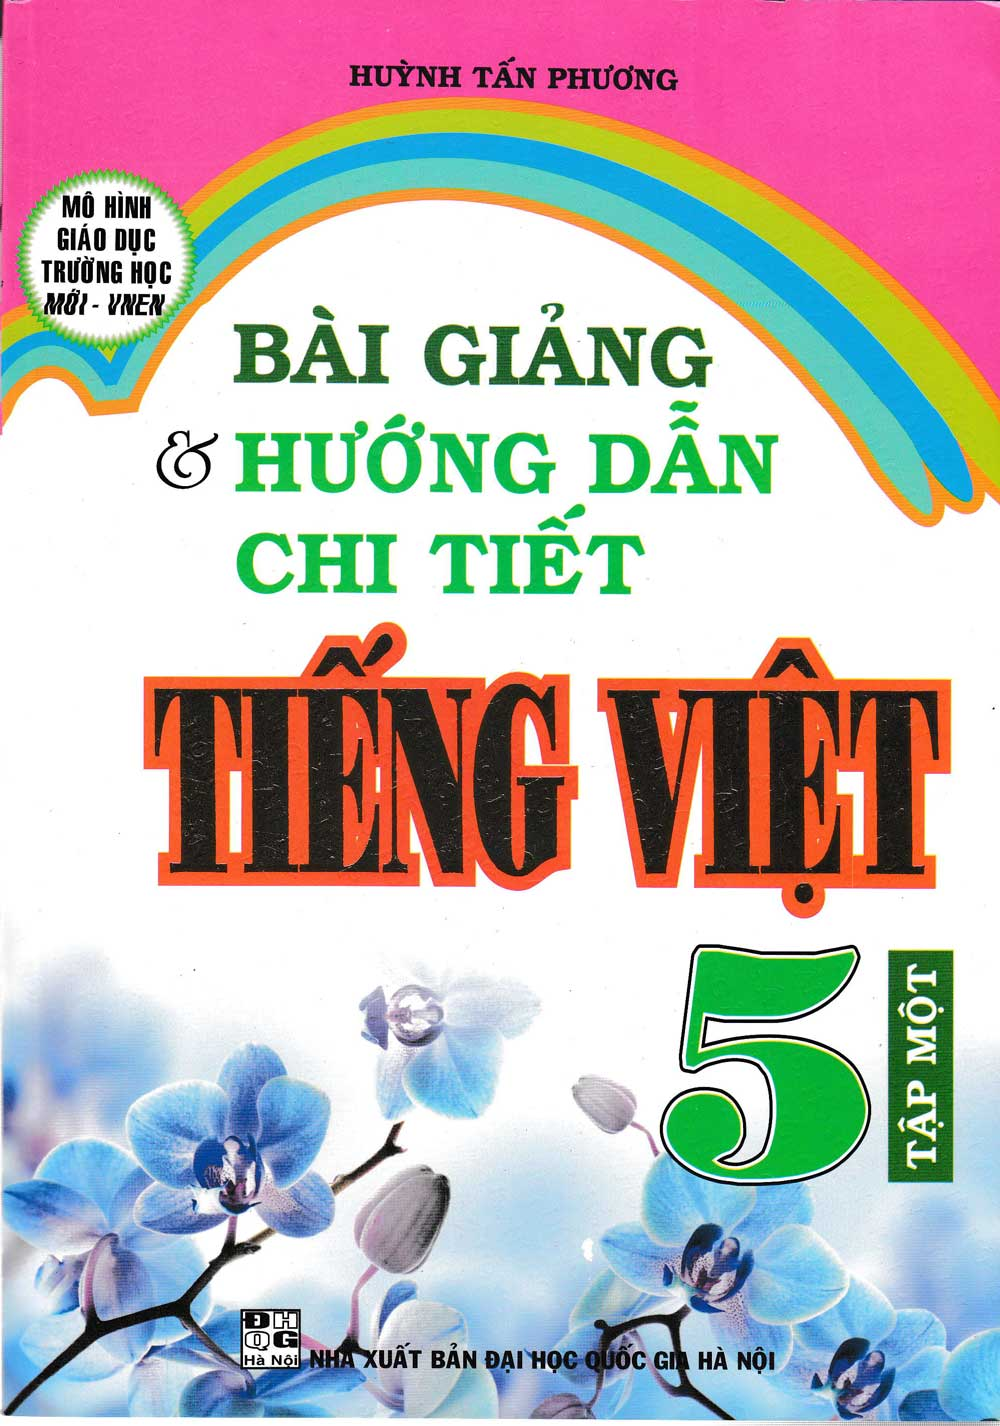 Bài Giảng Và Hướng Dẫn Chi Tiết Tiếng Việt 5 Tập 1 - EBOOK/PDF/PRC/EPUB